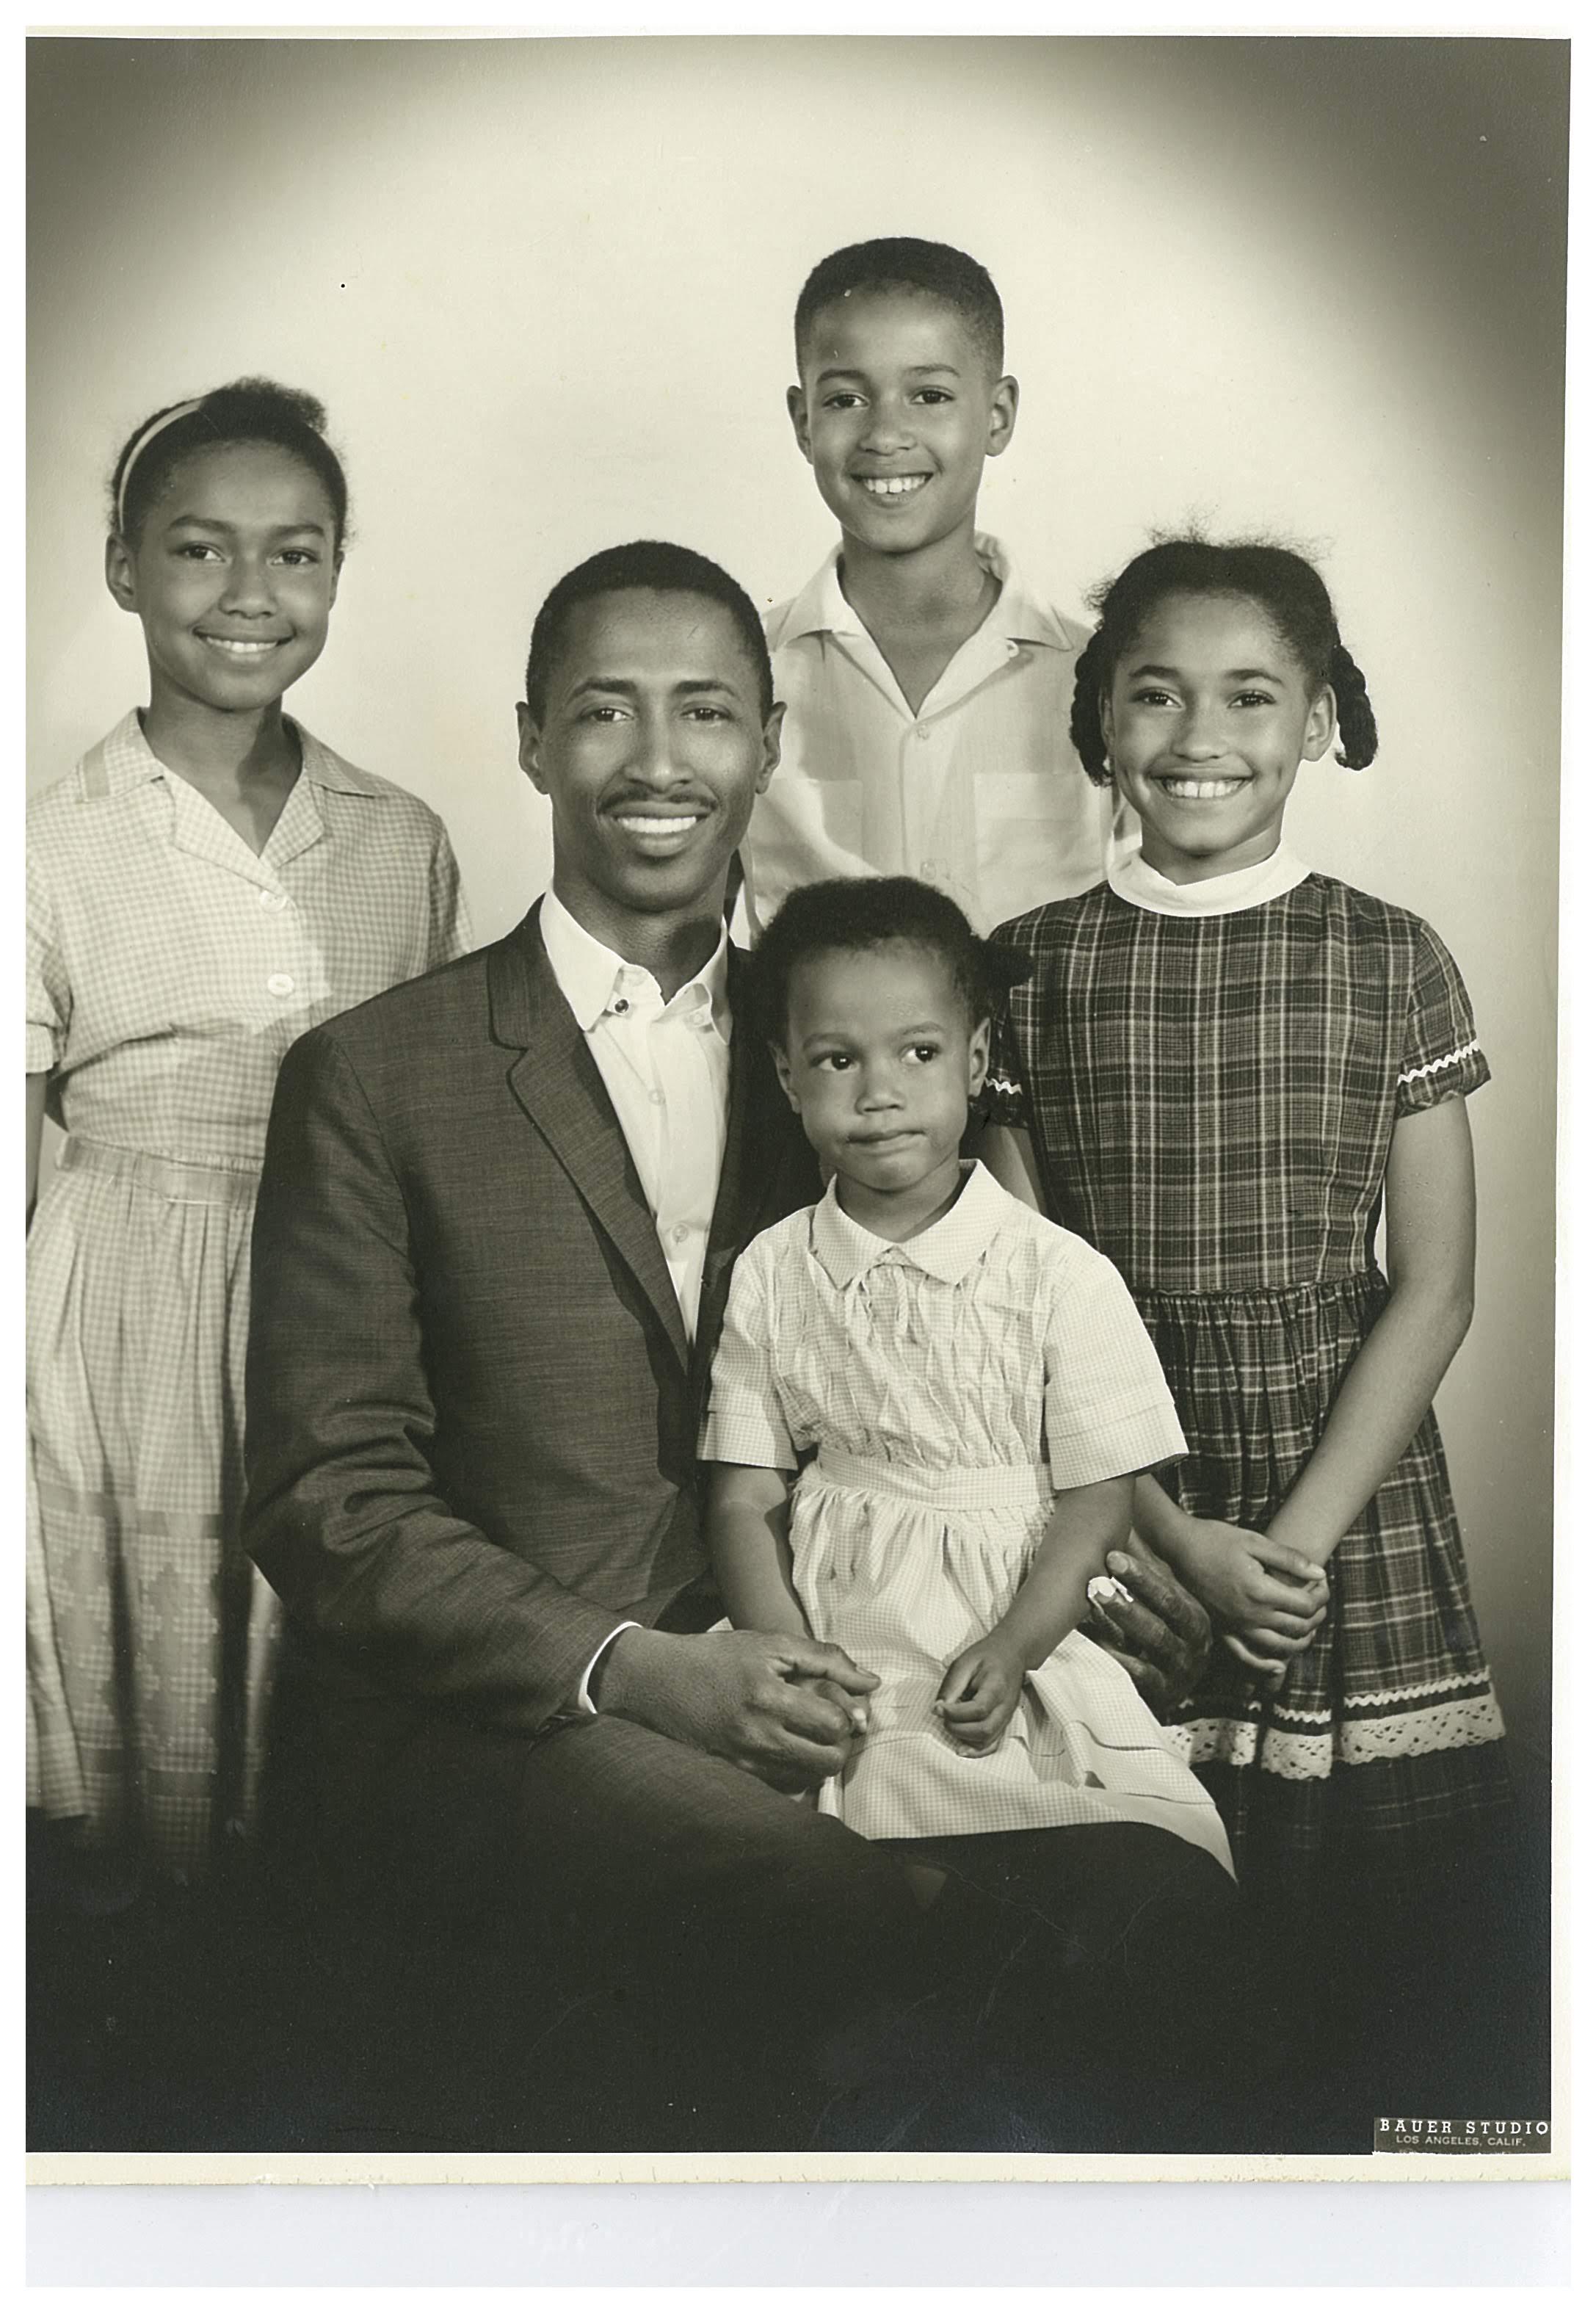 Corwin family photo